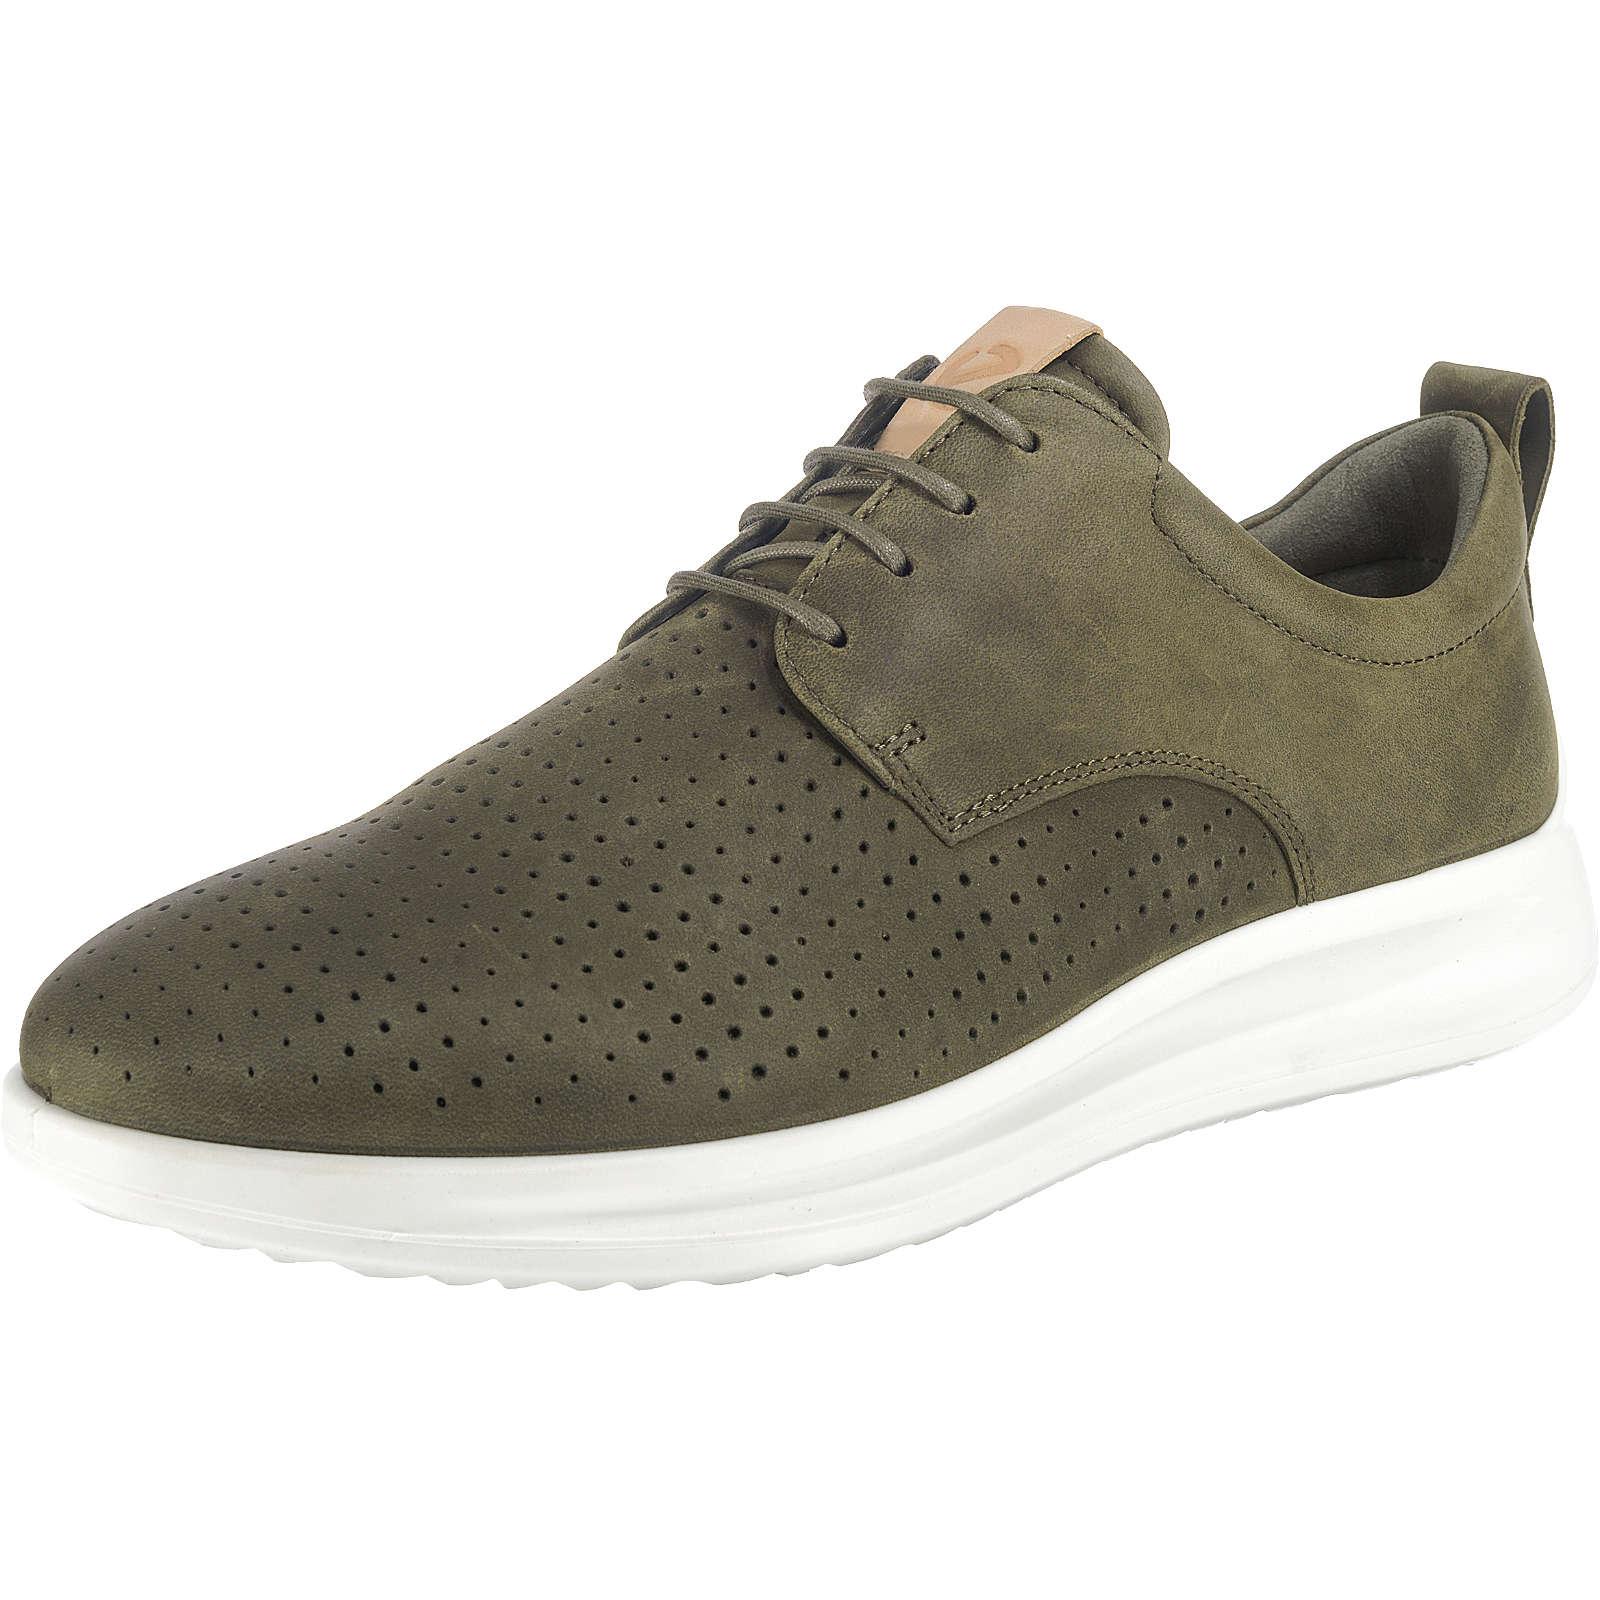 ecco Aquet Sneakers Low khaki Herren Gr. 41